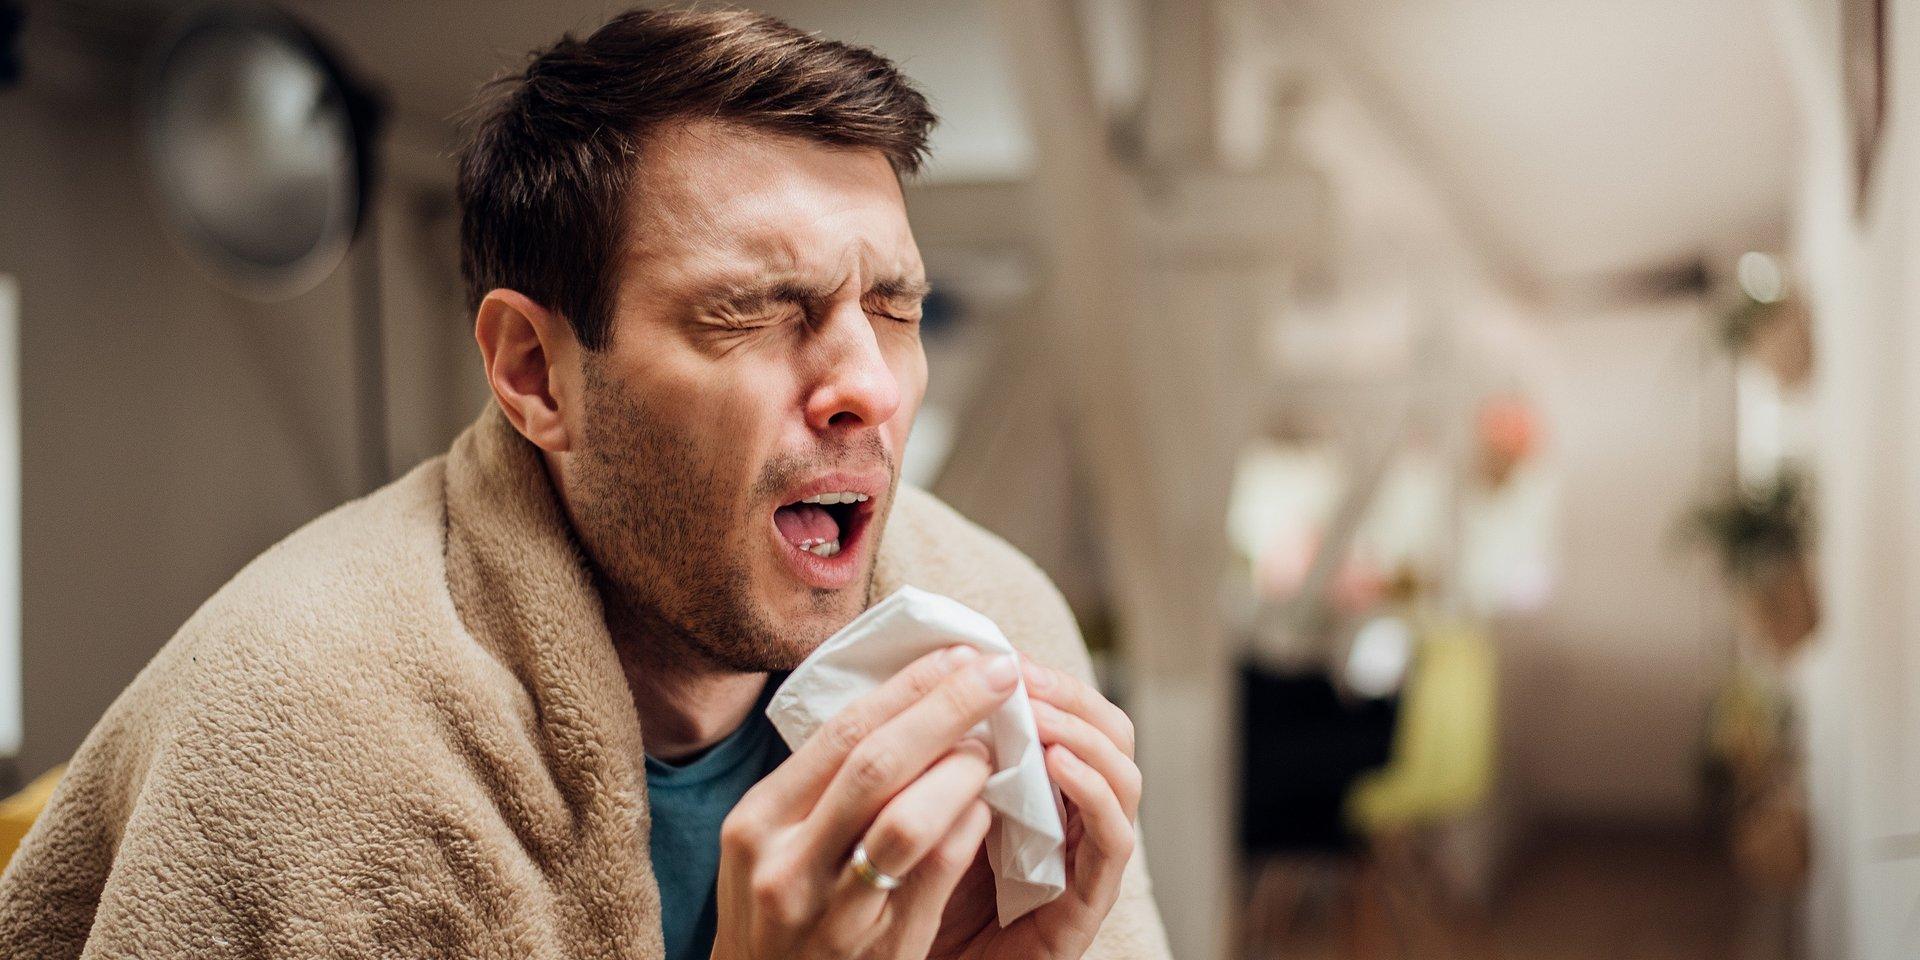 Przed nami kolejny sezon zachorowań na grypę. Dlaczego warto się szczepić?